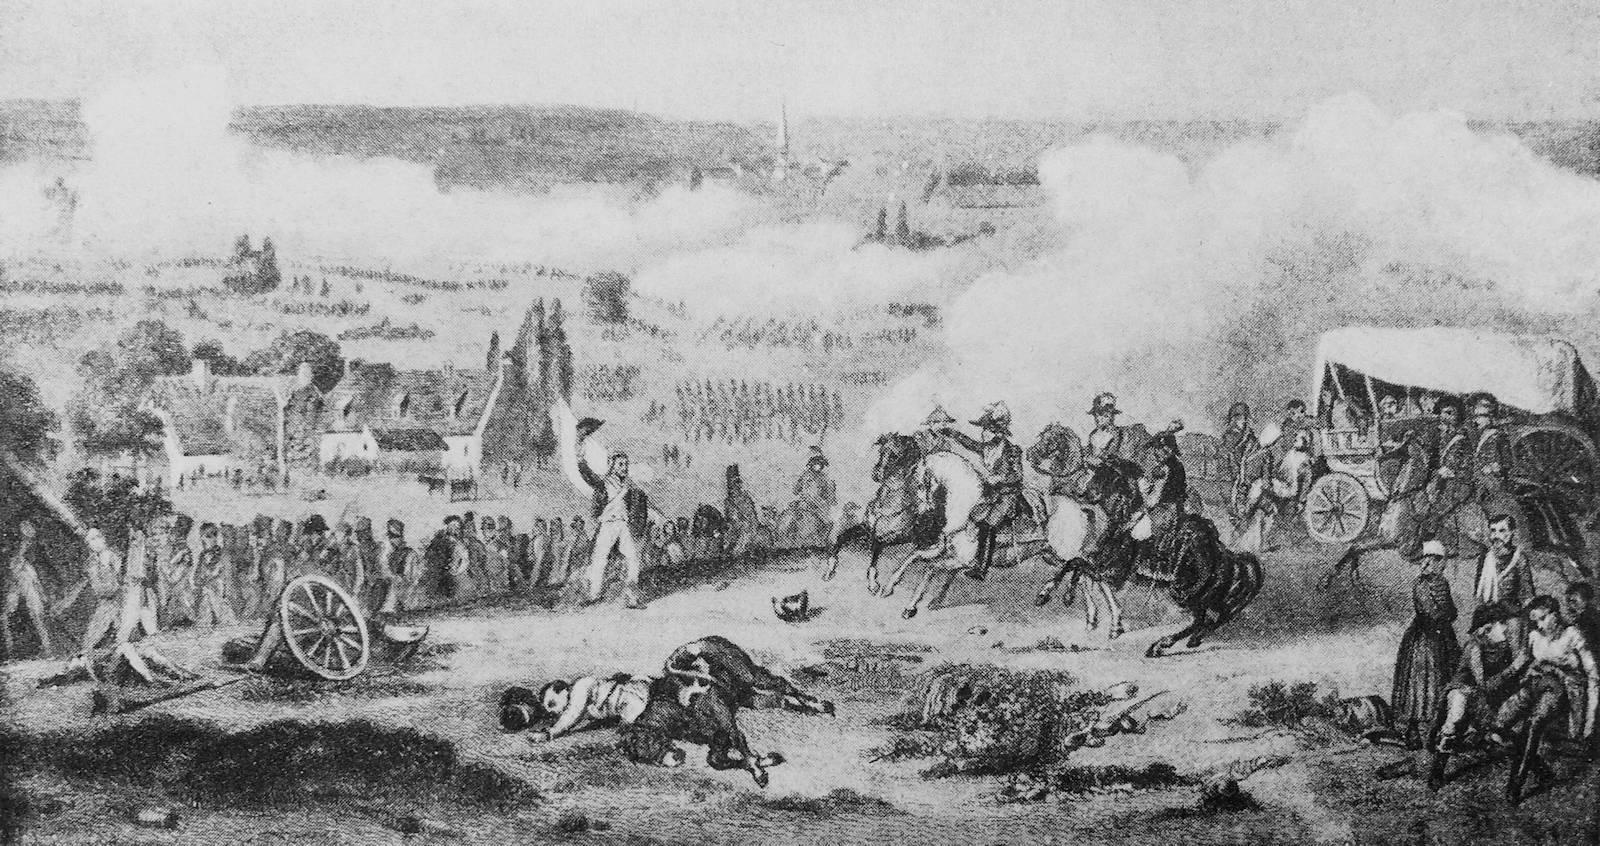 Bataille de Tourcoing, d'après tableau de Jollivet, Musée de Versailles